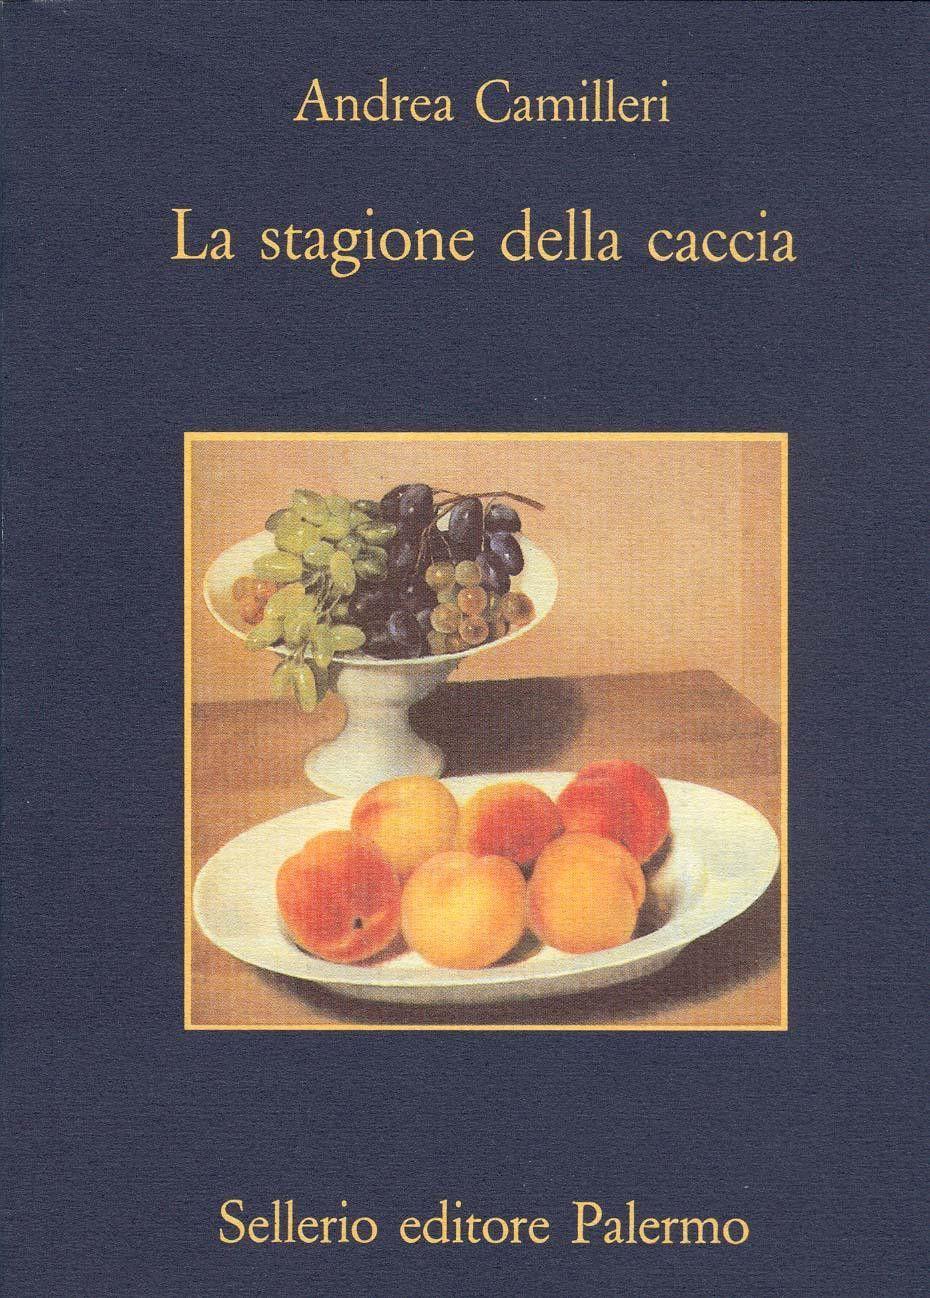 Andrea Camilleri, i libri più belli del papà di Montalbano